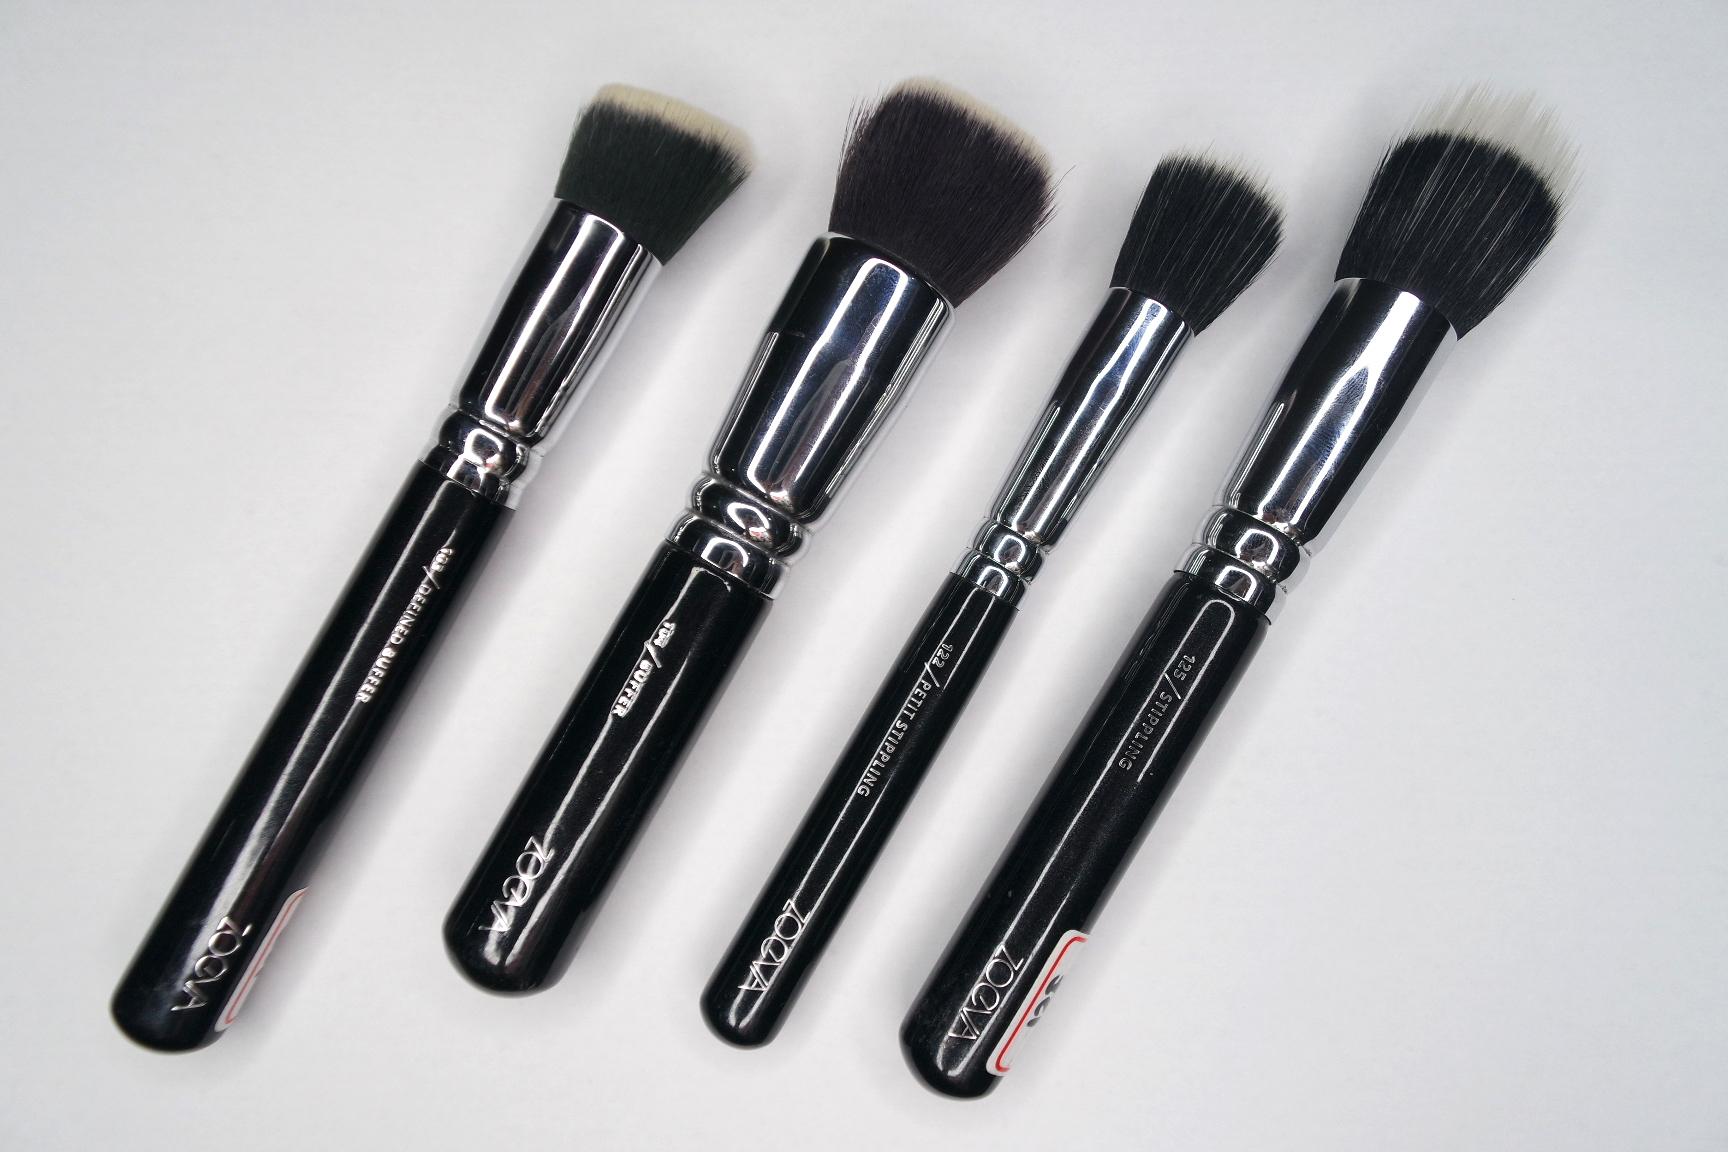 zoeva 103 defined buffer, 104 buffer, 122 petit stippling brush, 125 stippling brush